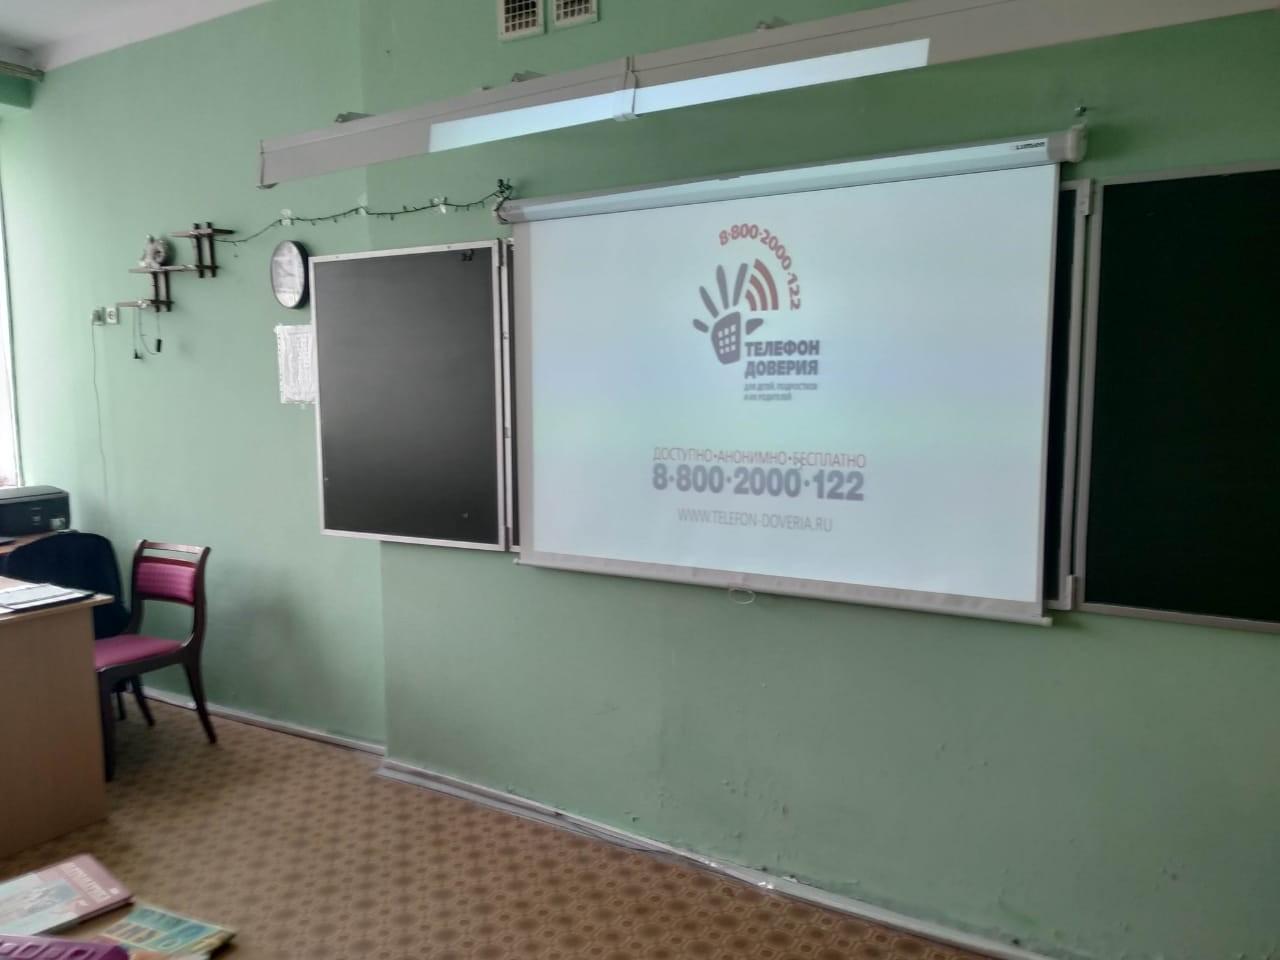 informatsionnaya-profilakticheskaya-aktsiya-detskij-telefon-doveriya